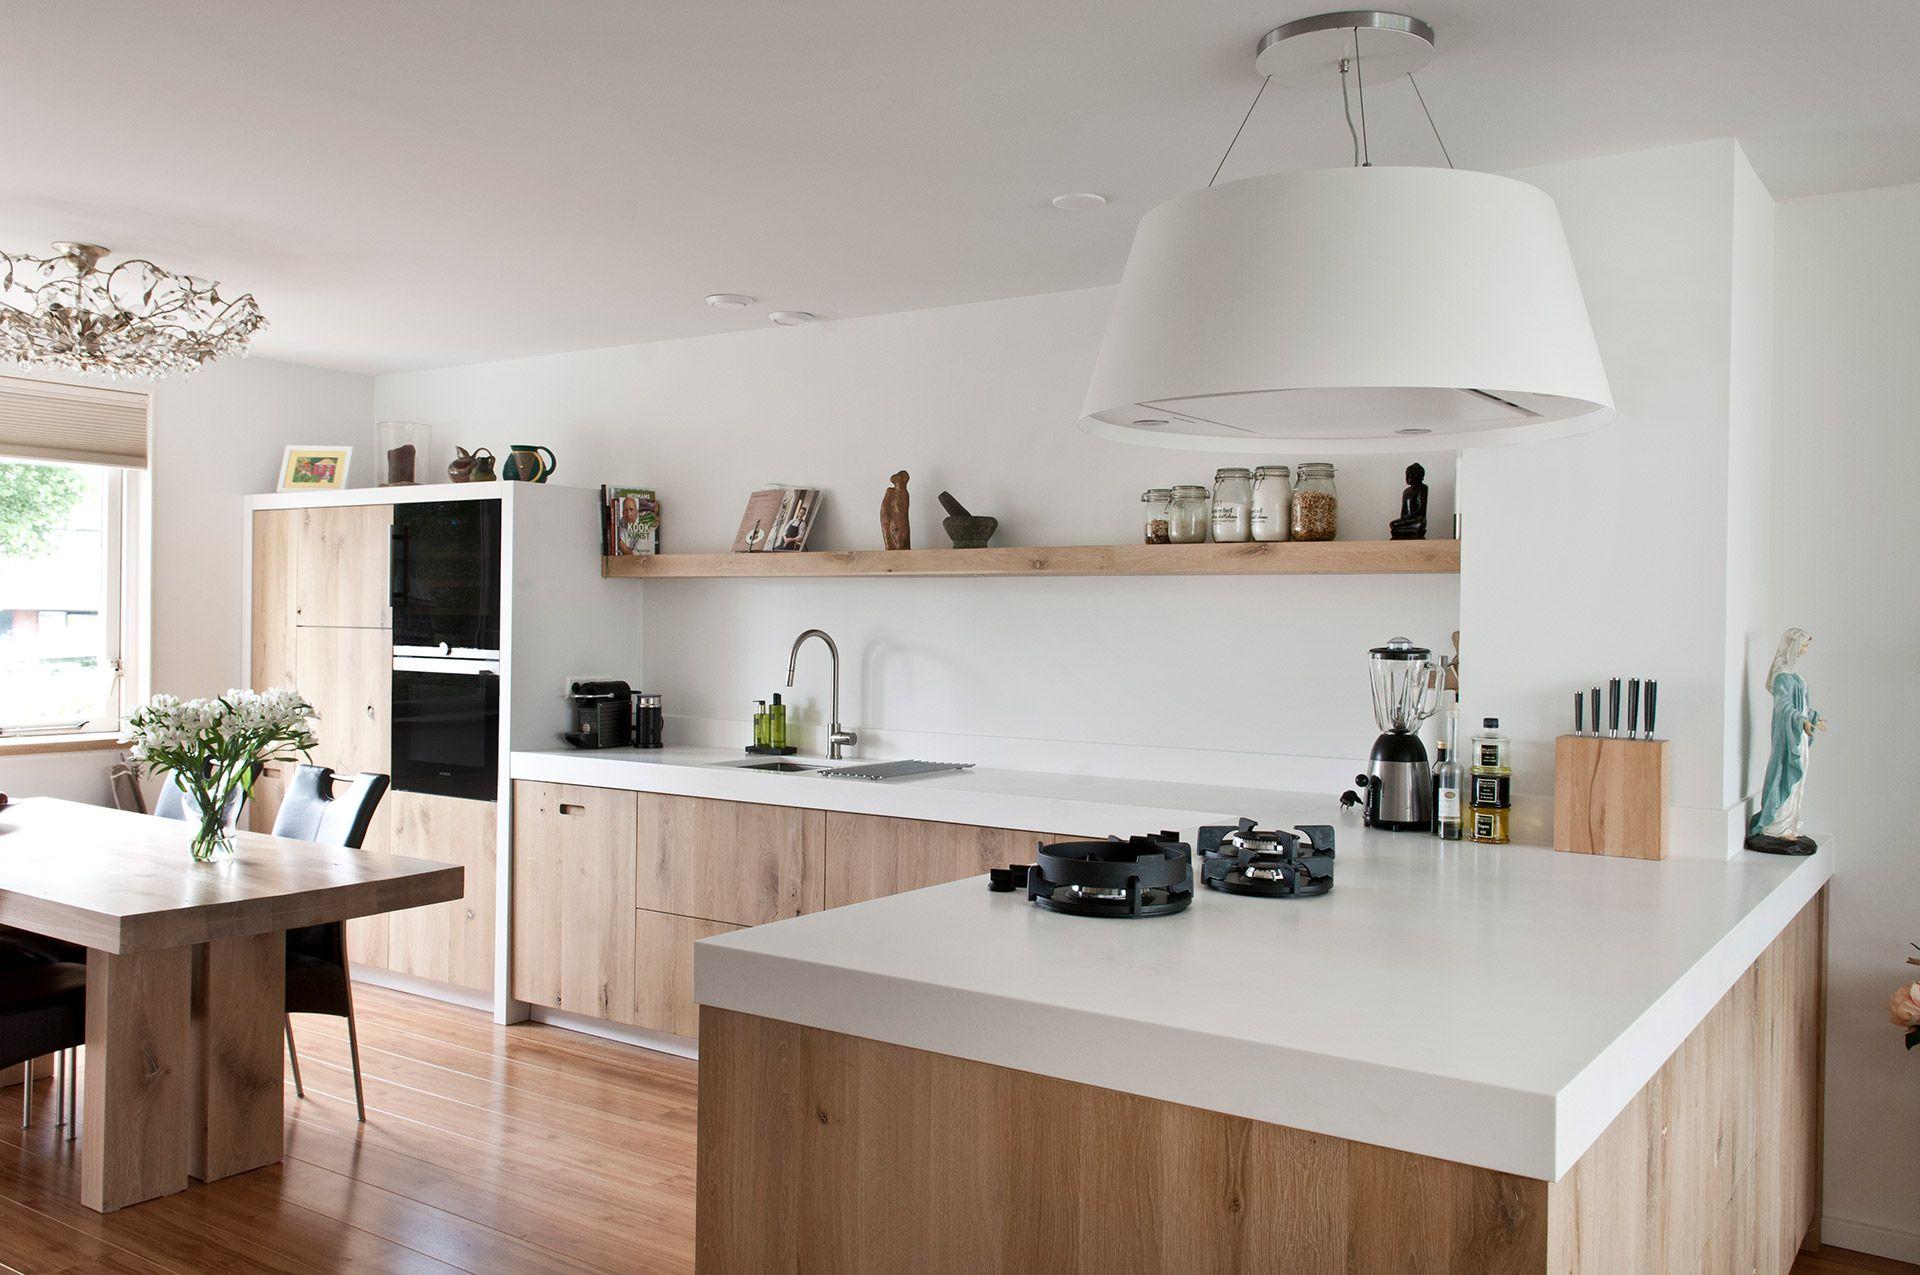 Modern interieur keuken inspiratie home decor